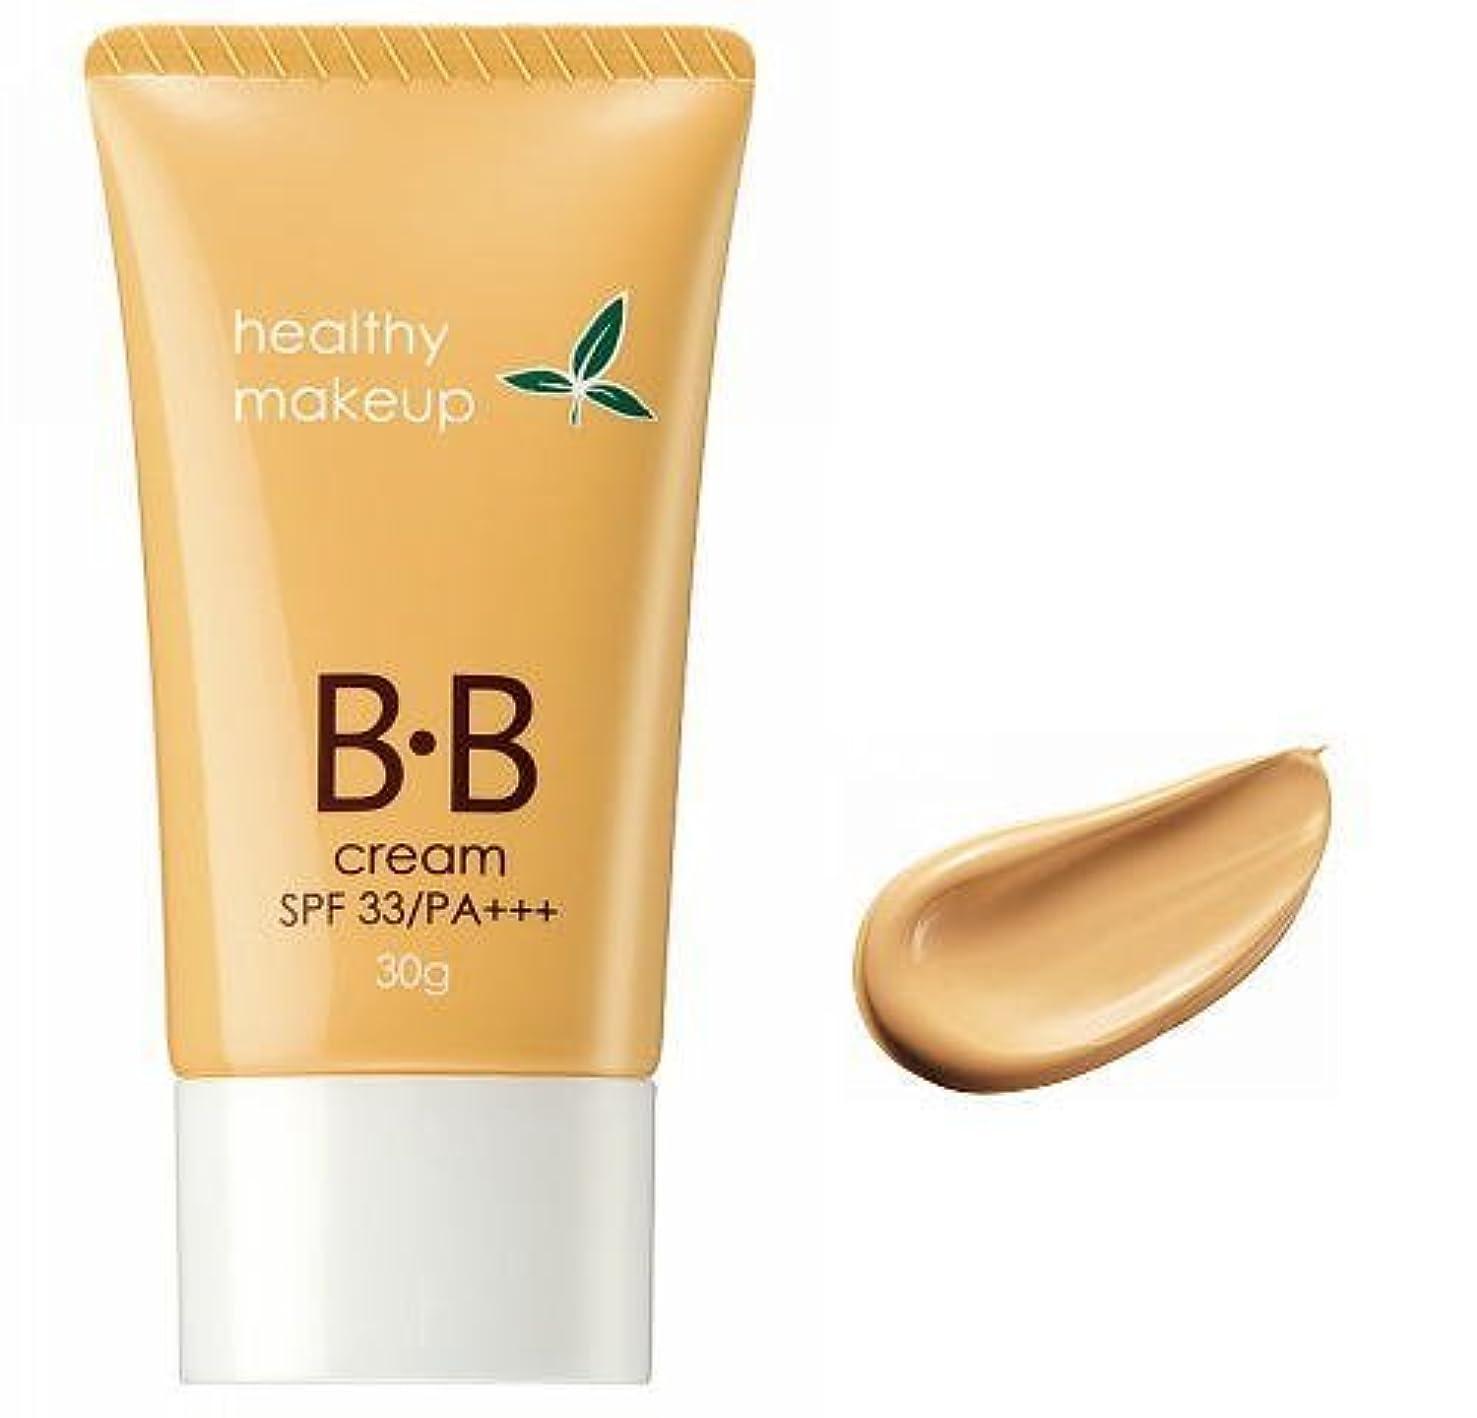 買い物に行く秘密のバングエイボン BB クリーム ナチュラルカバー (F051 ライトオークル)